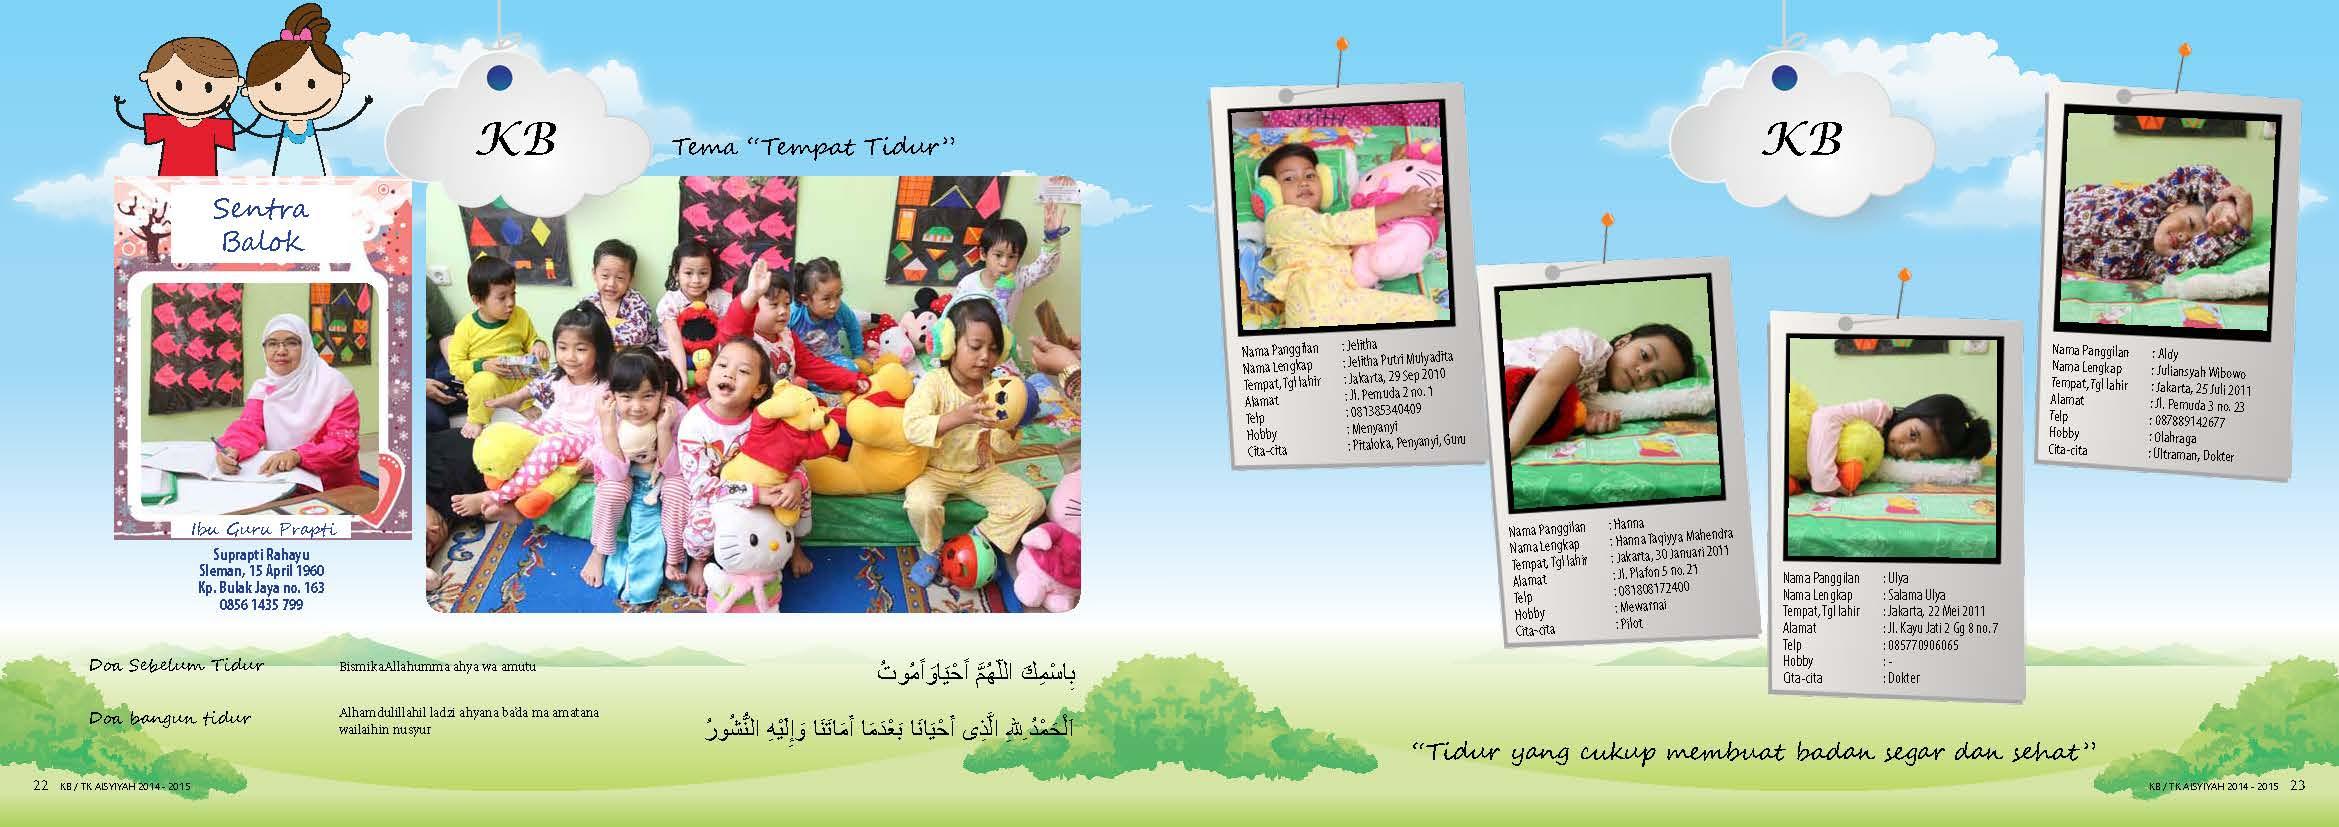 Album Kenangan TK Aisyiyah 2014-2015- (13)